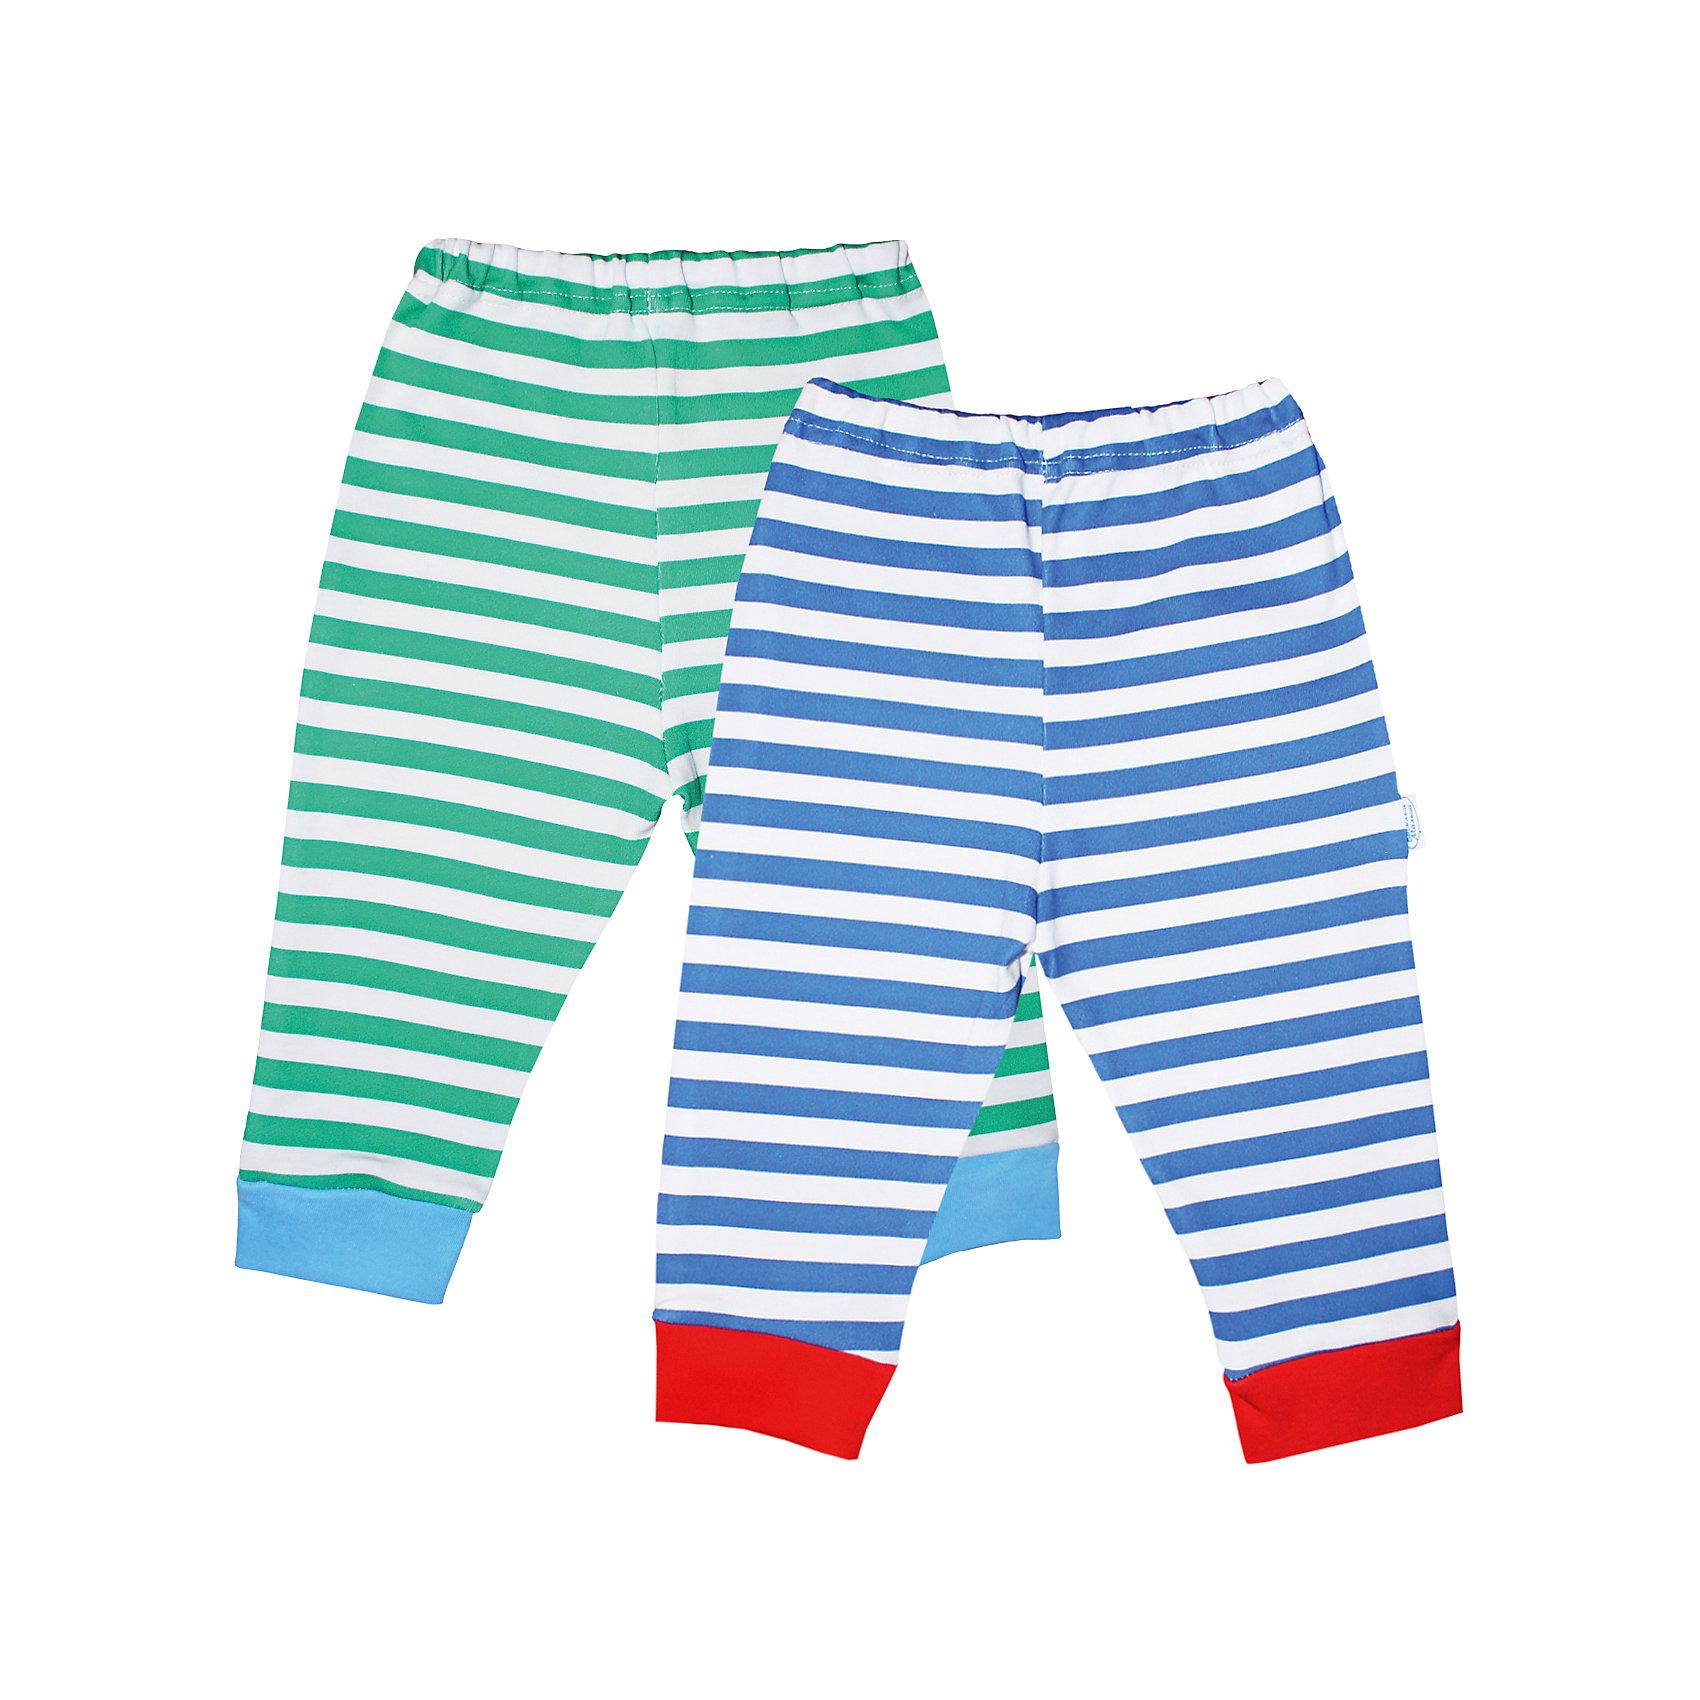 Штанишки для мальчика , 2 шт. Веселый малышПолзунки и штанишки<br>Очаровательные штанишки от российского бренда Веселый малыш выполнены из мягкого хлопка(интерлок). Он достаточно прочный и способен сохранить свои свойства и цвет даже после стирки. Штанишки имеют манжеты, за счет чего они отлично держатся на ножках. В комплекте 2 расцветки: зеленая полоска и синяя полоска. Подарите малышу яркие качественные ползунки!<br><br>Дополнительная информация:<br>Материал: интерлок<br>Состав: 100% хлопок<br>Серия: Twin<br><br>Вы можете купить комплект из двух штанишек Веселый малыш в нашем интернет-магазине.<br><br>Ширина мм: 157<br>Глубина мм: 13<br>Высота мм: 119<br>Вес г: 200<br>Цвет: зеленый<br>Возраст от месяцев: 2<br>Возраст до месяцев: 5<br>Пол: Мужской<br>Возраст: Детский<br>Размер: 86,68,62,74,80<br>SKU: 4810146